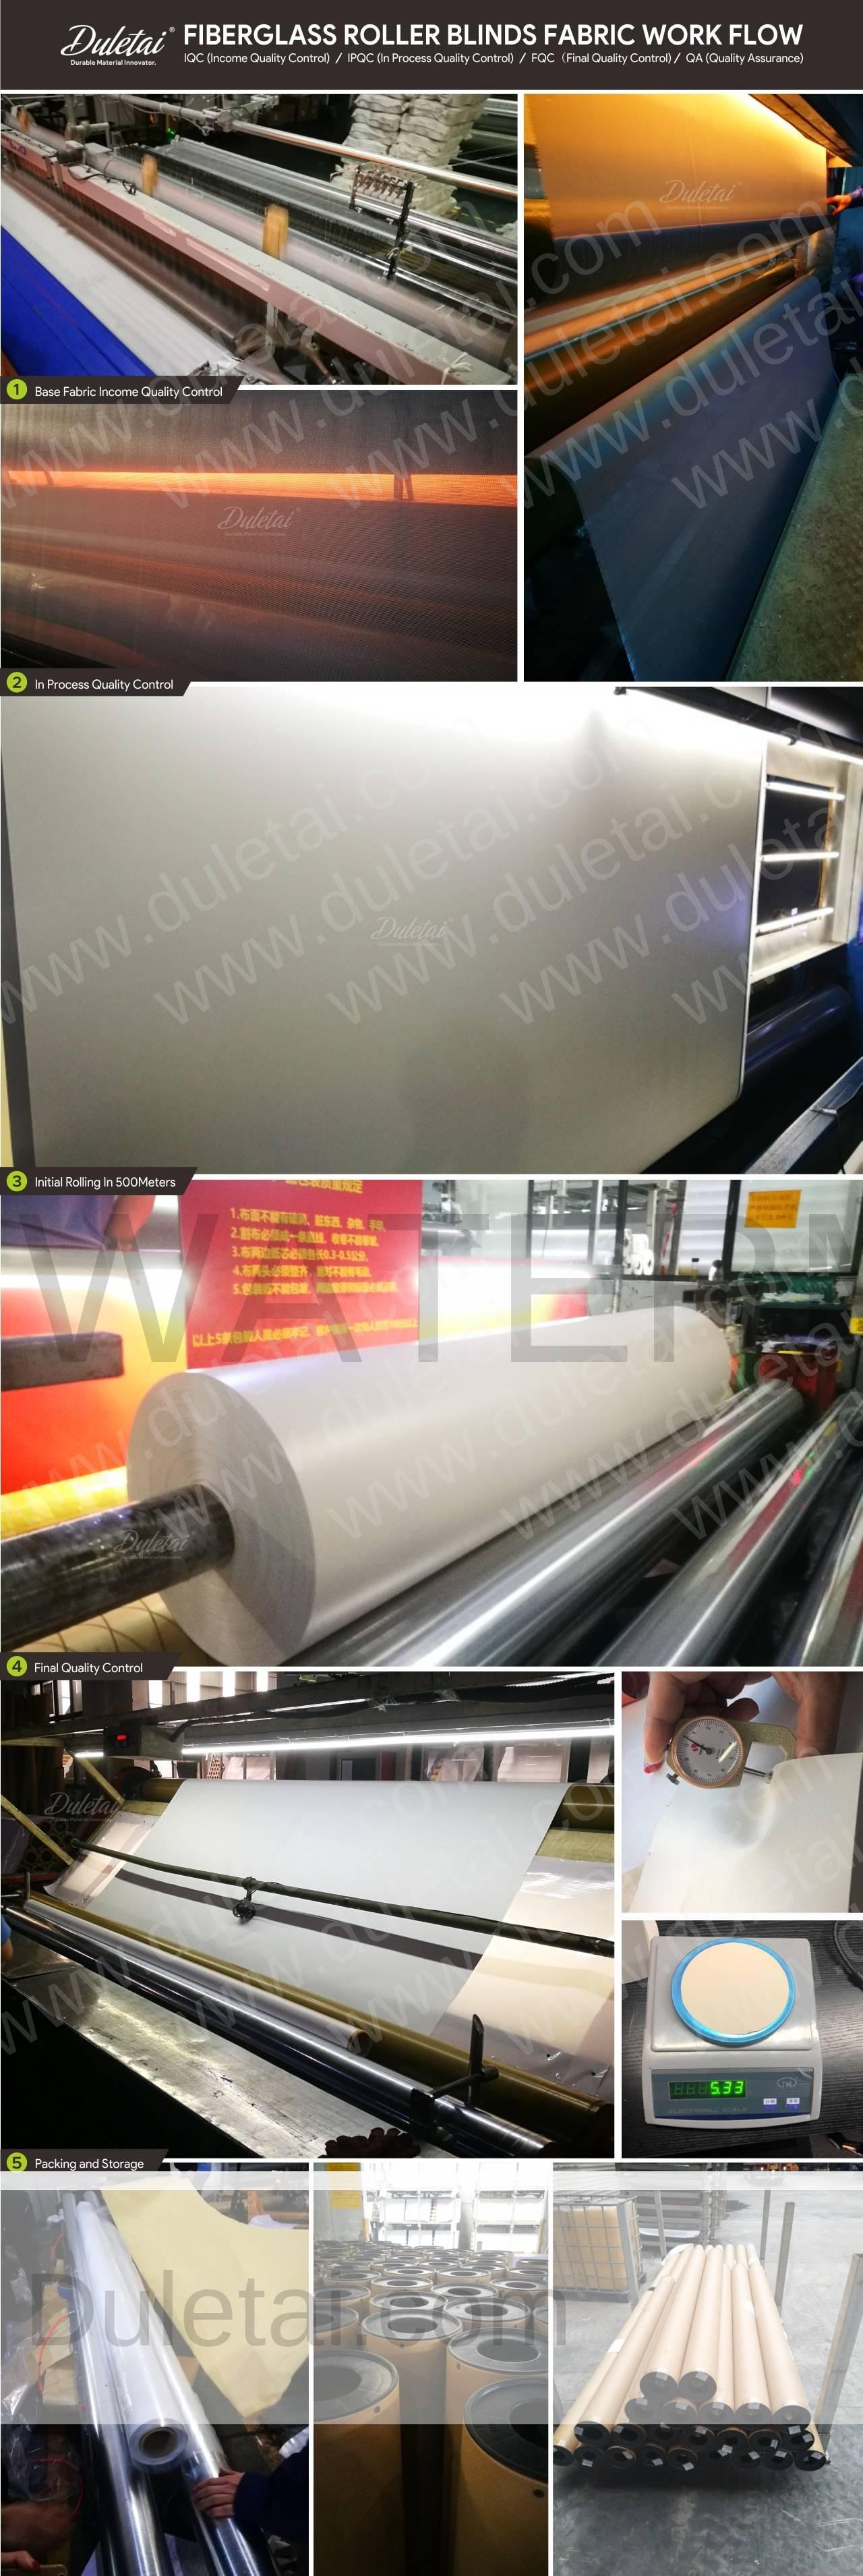 fiberglass roller blind fabric